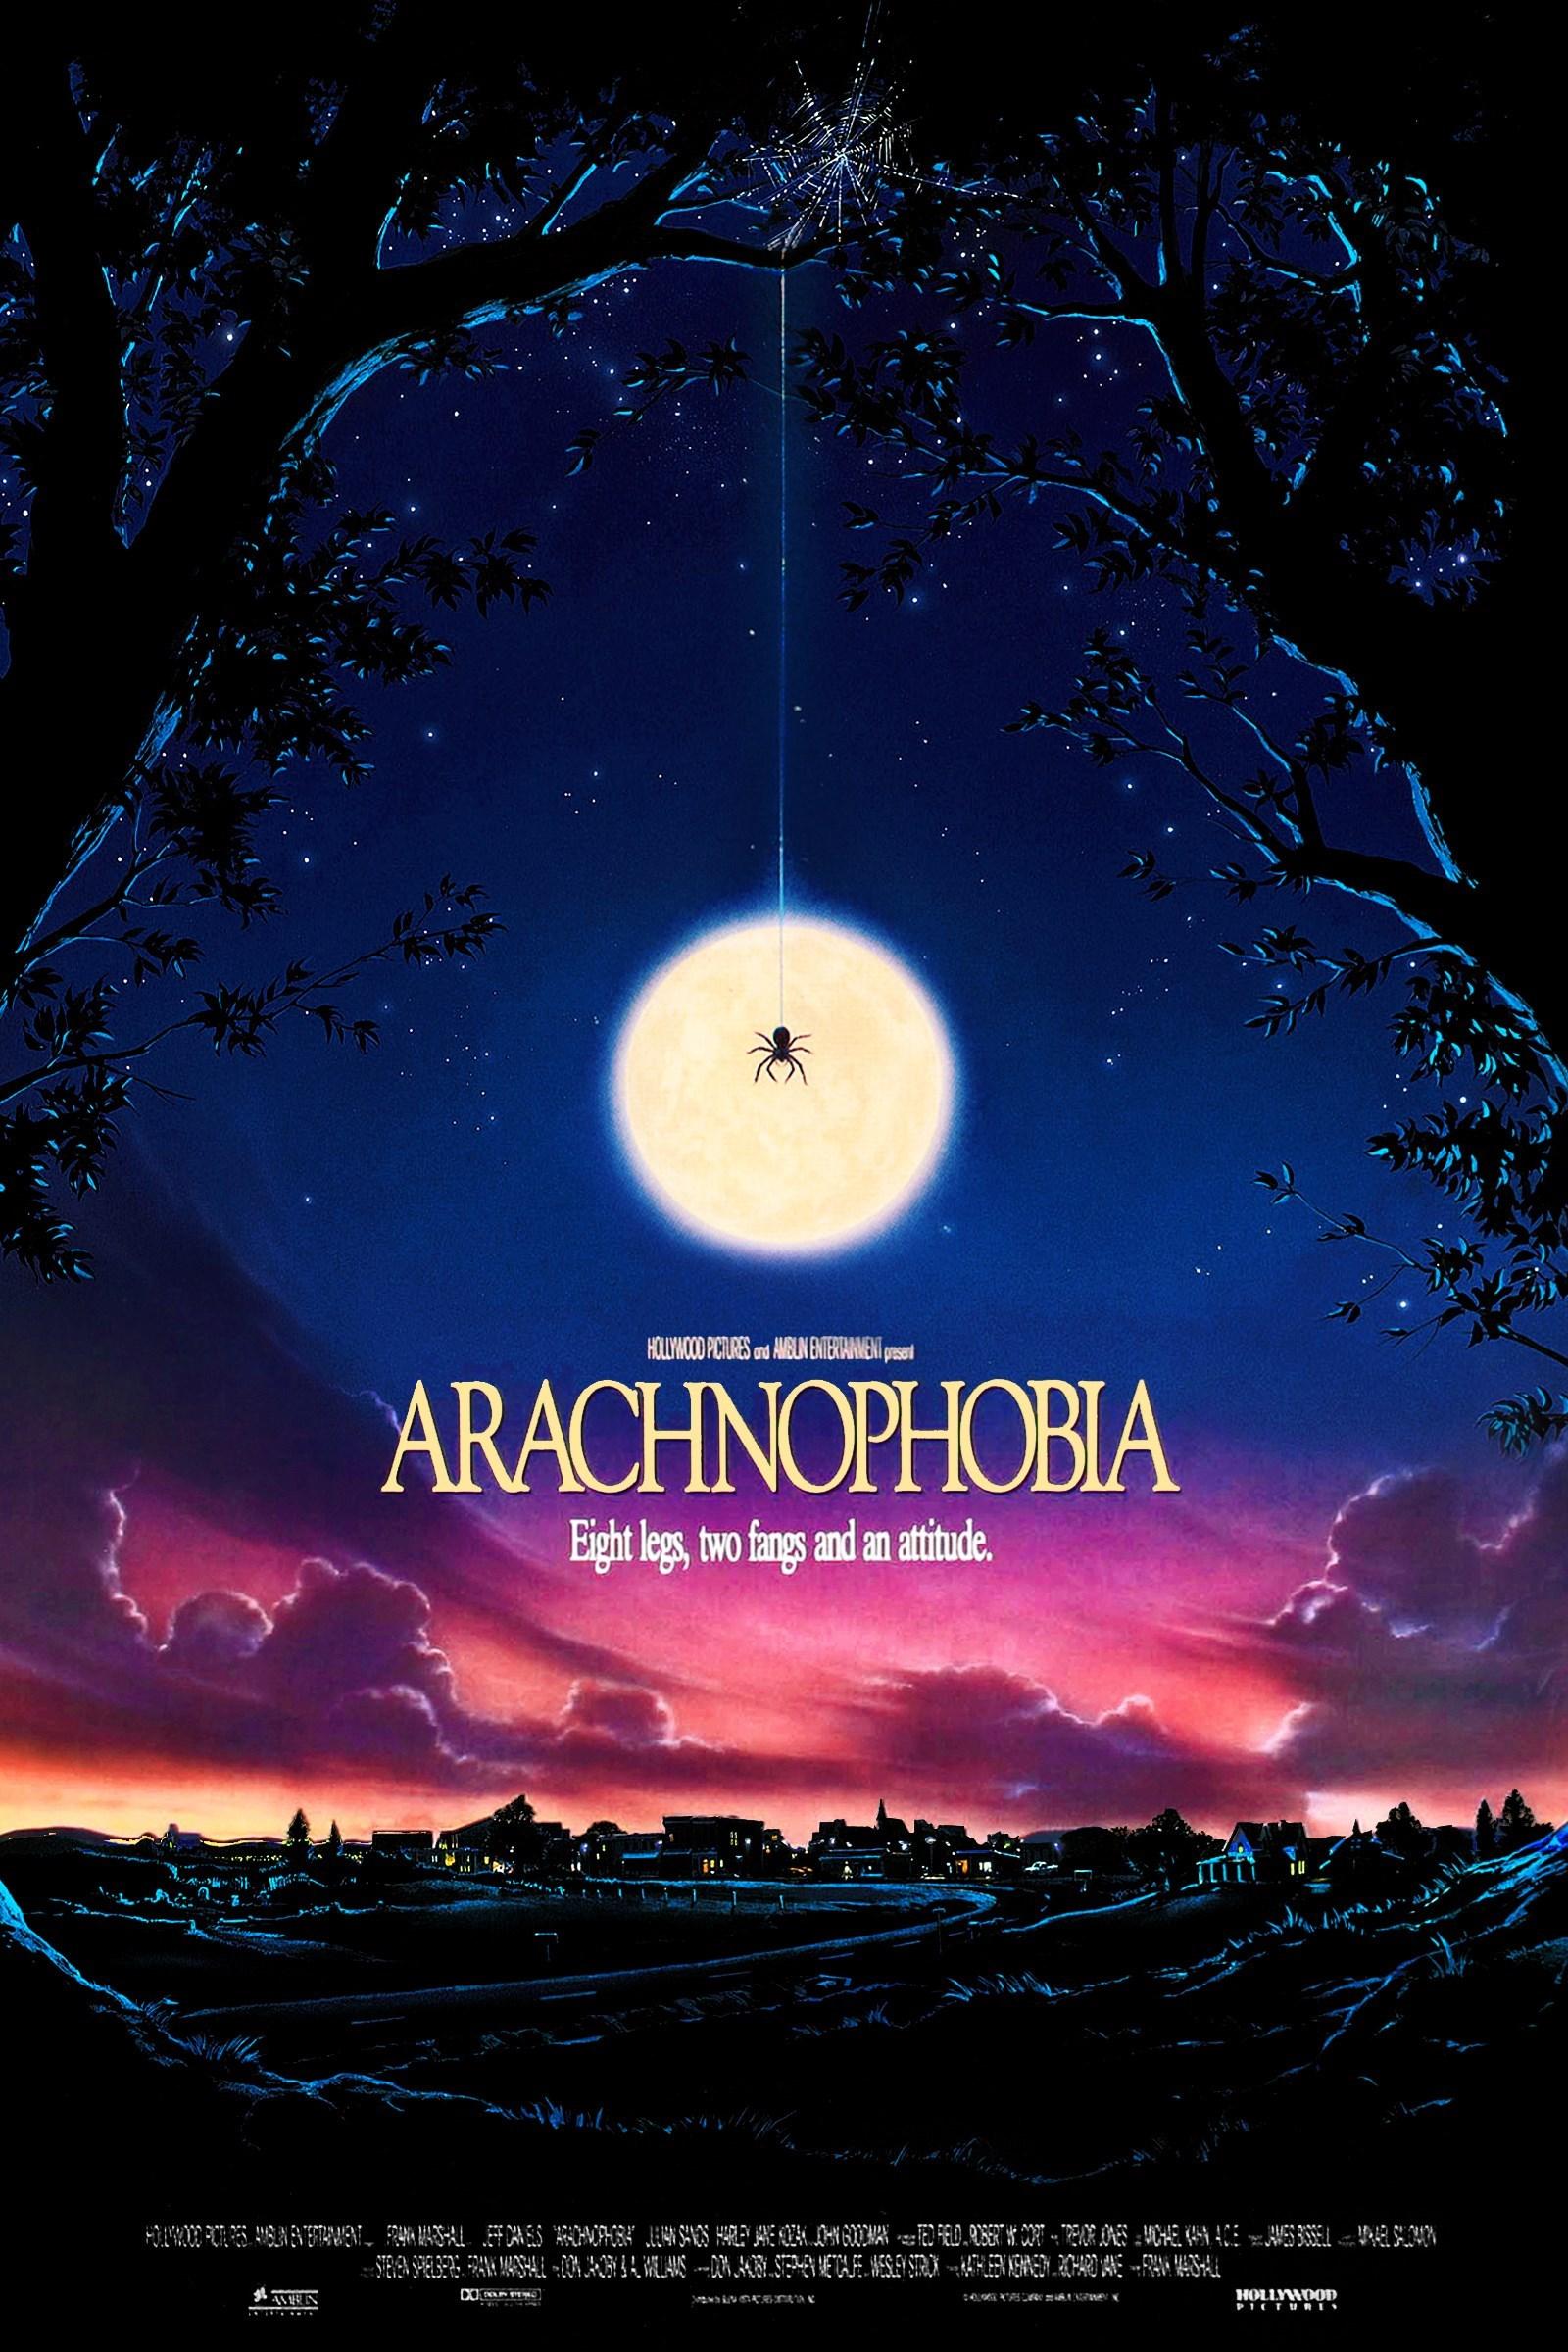 arachnophobia.30281.jpg